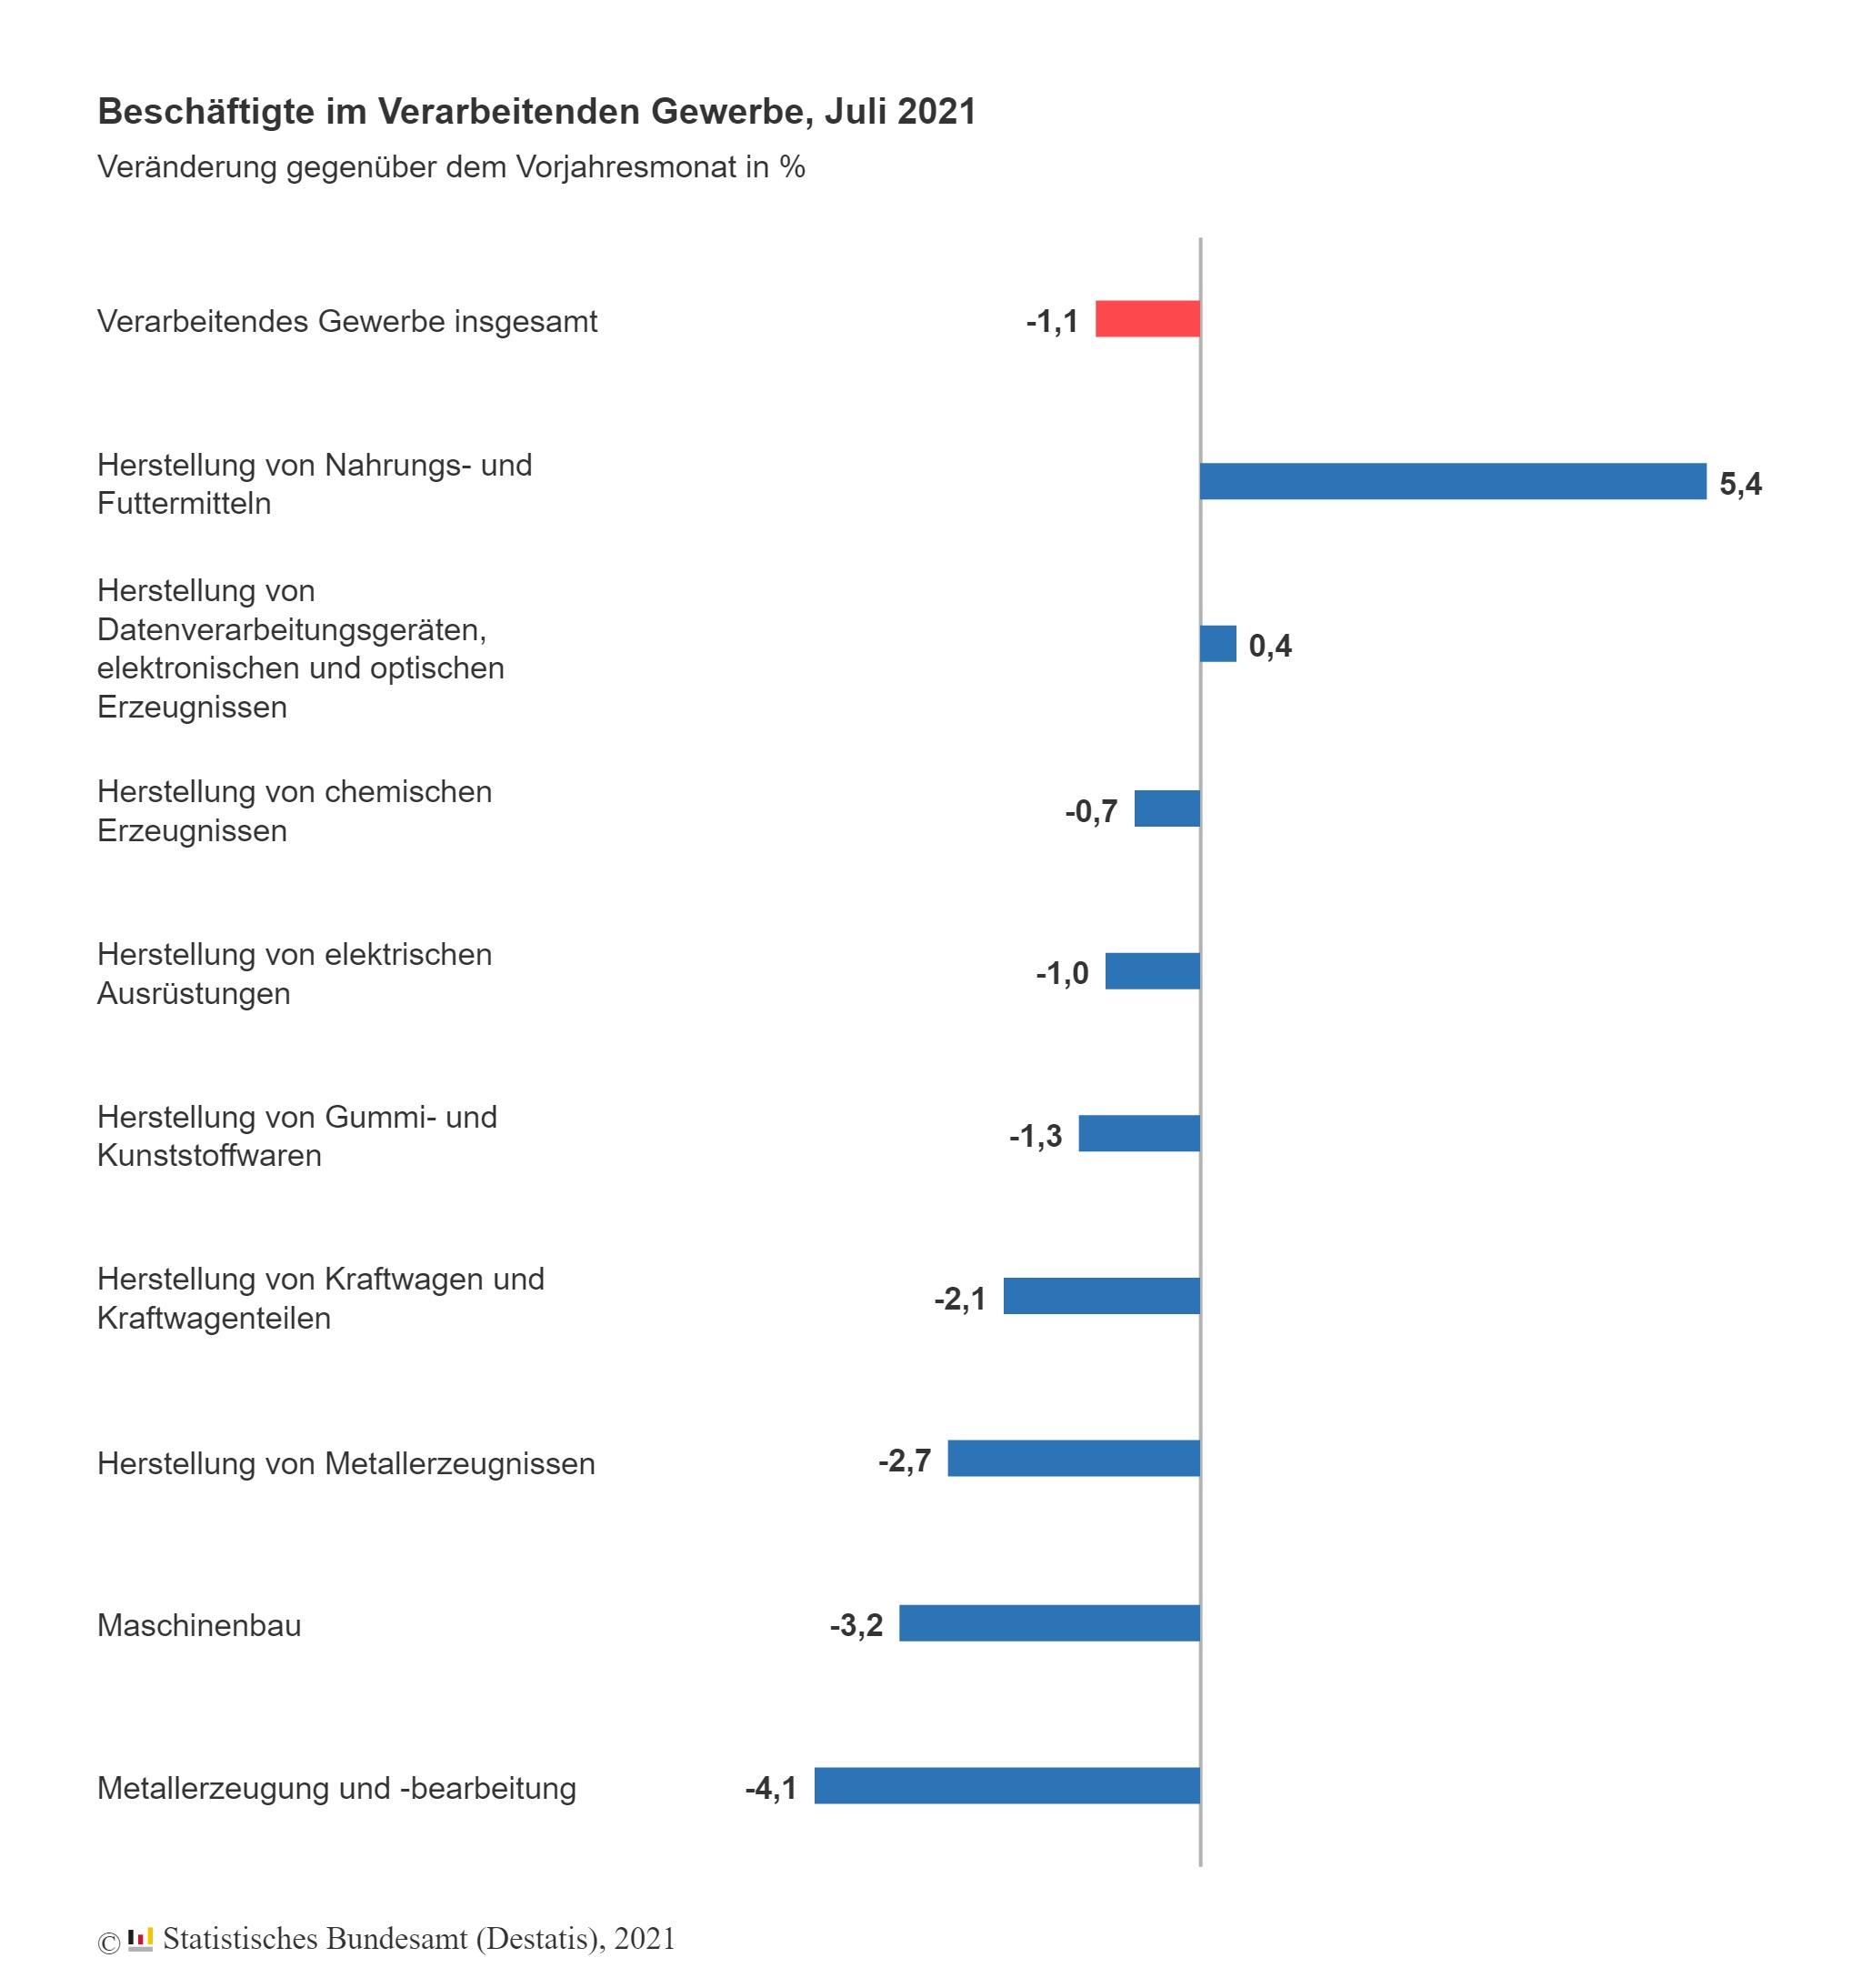 Beschäftigte im verarbeitenden Gewerbe im Juli 2021